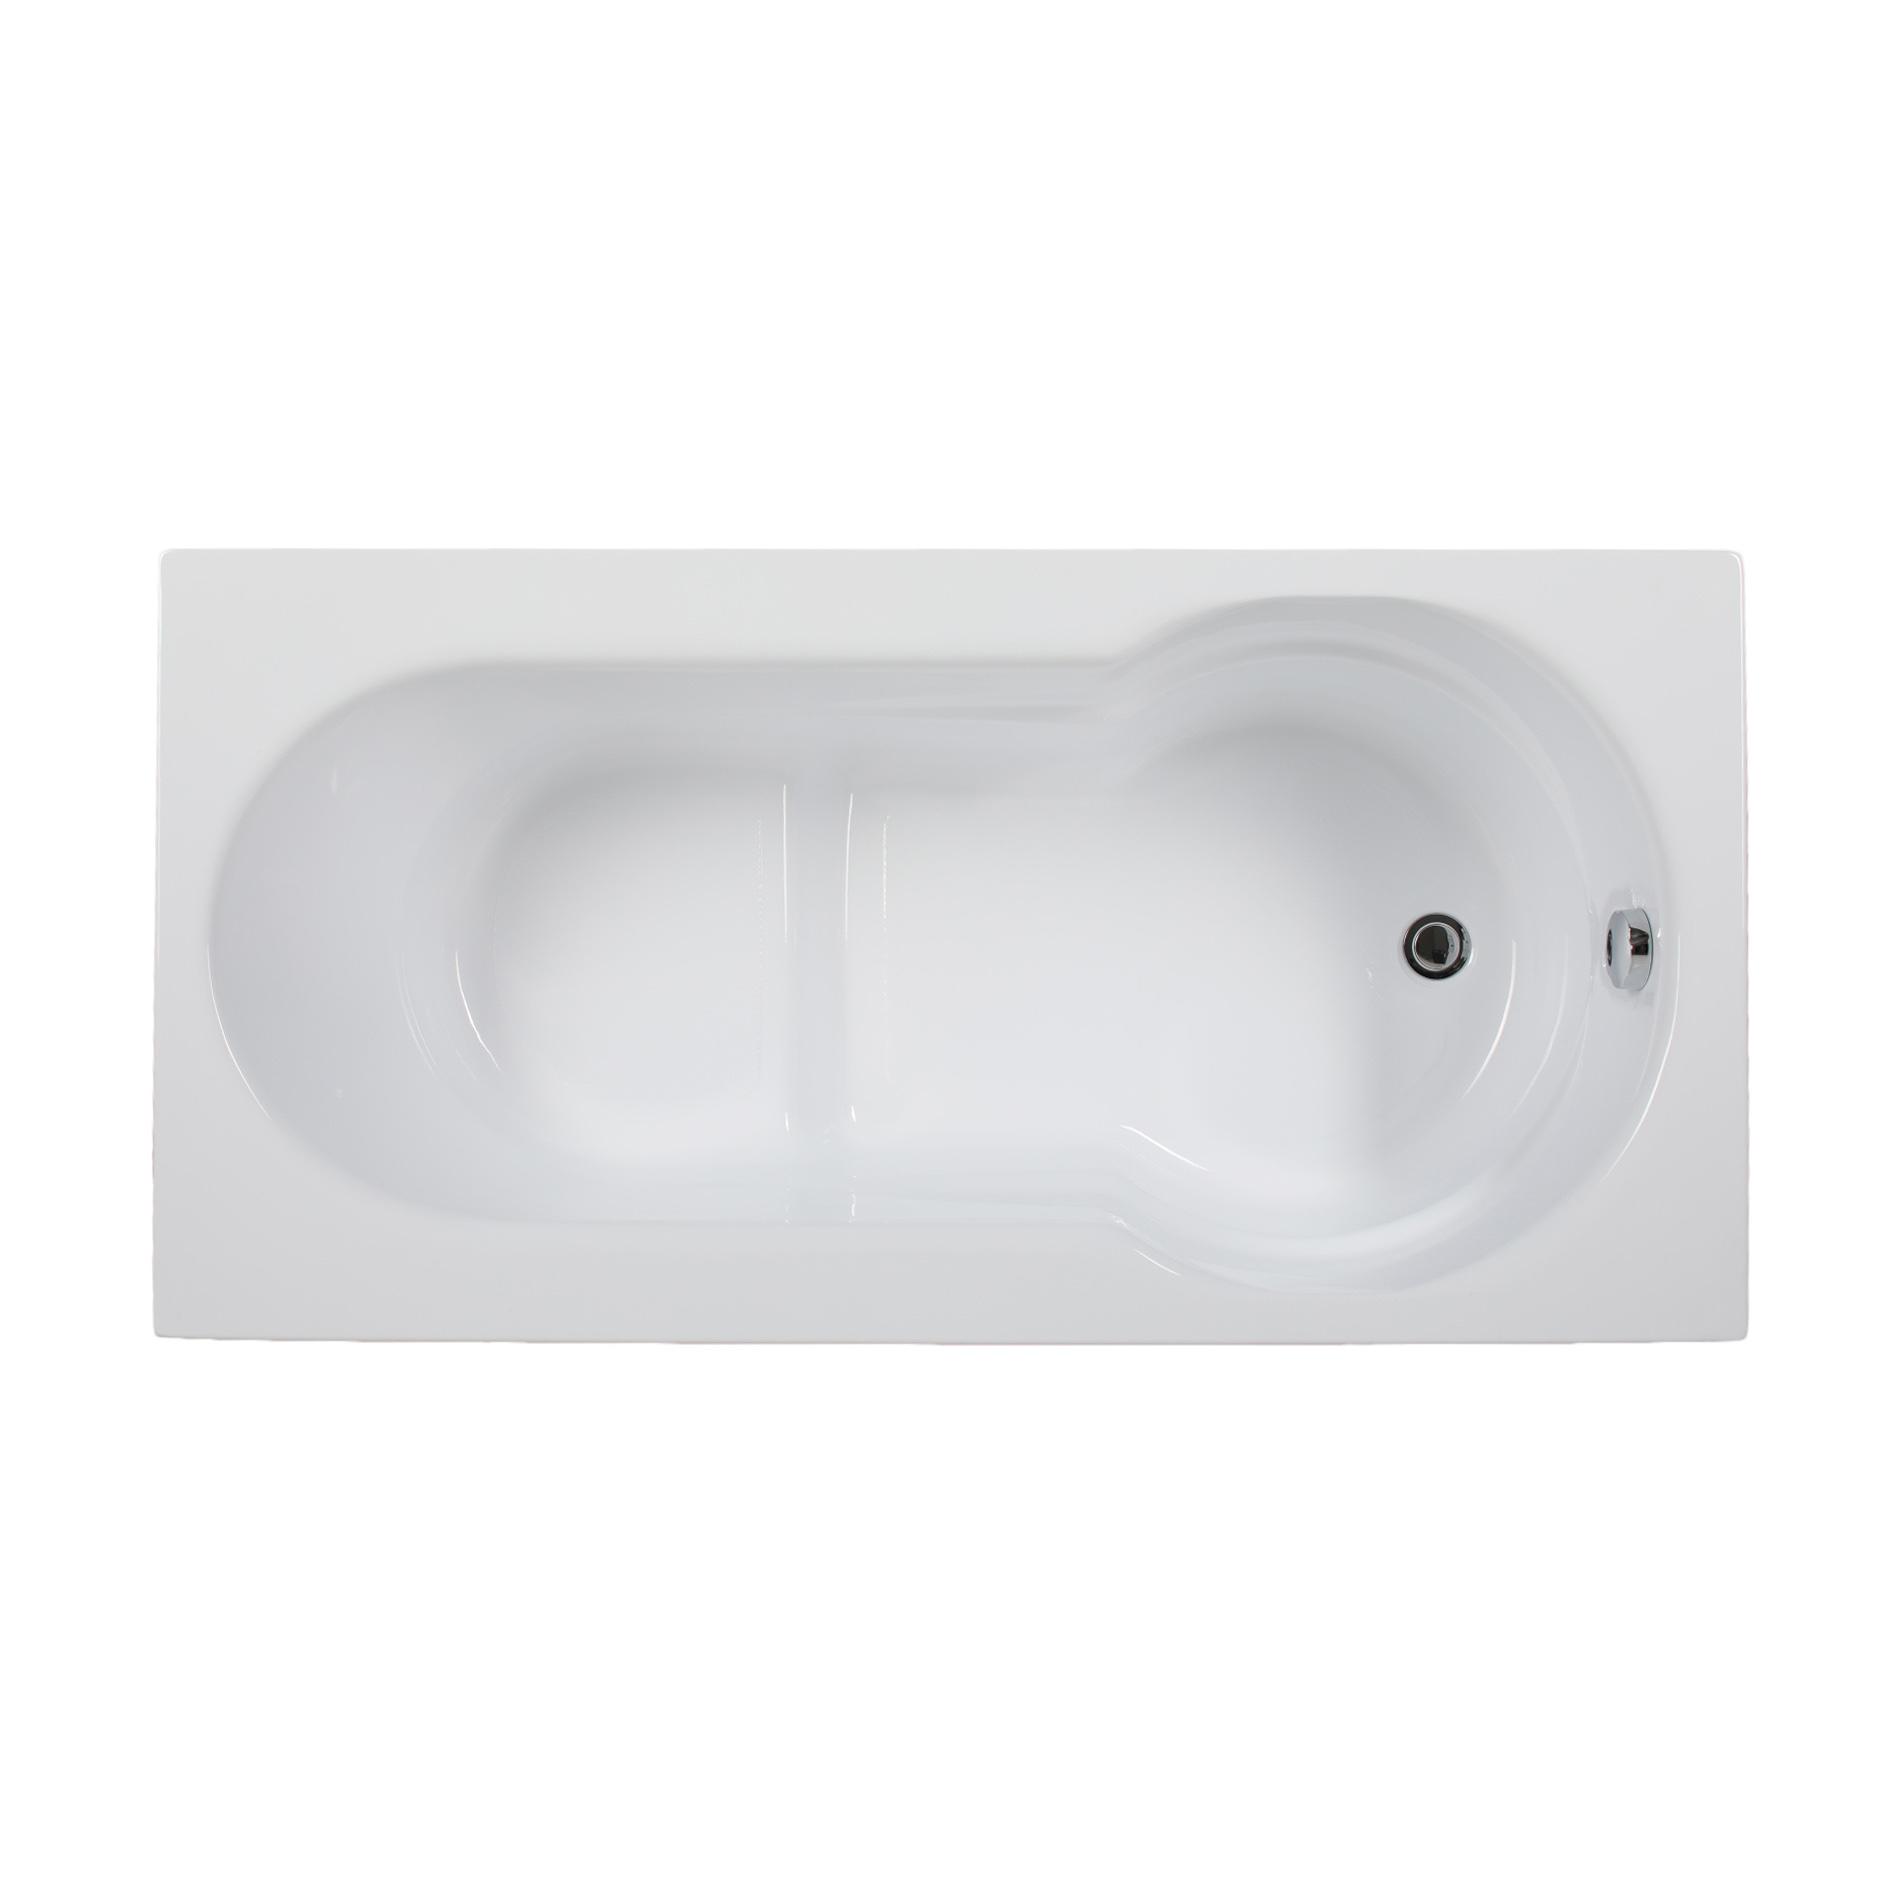 Акриловая ванна Aquanet Largo 130х70 акриловая ванна aquanet vitoria 204049